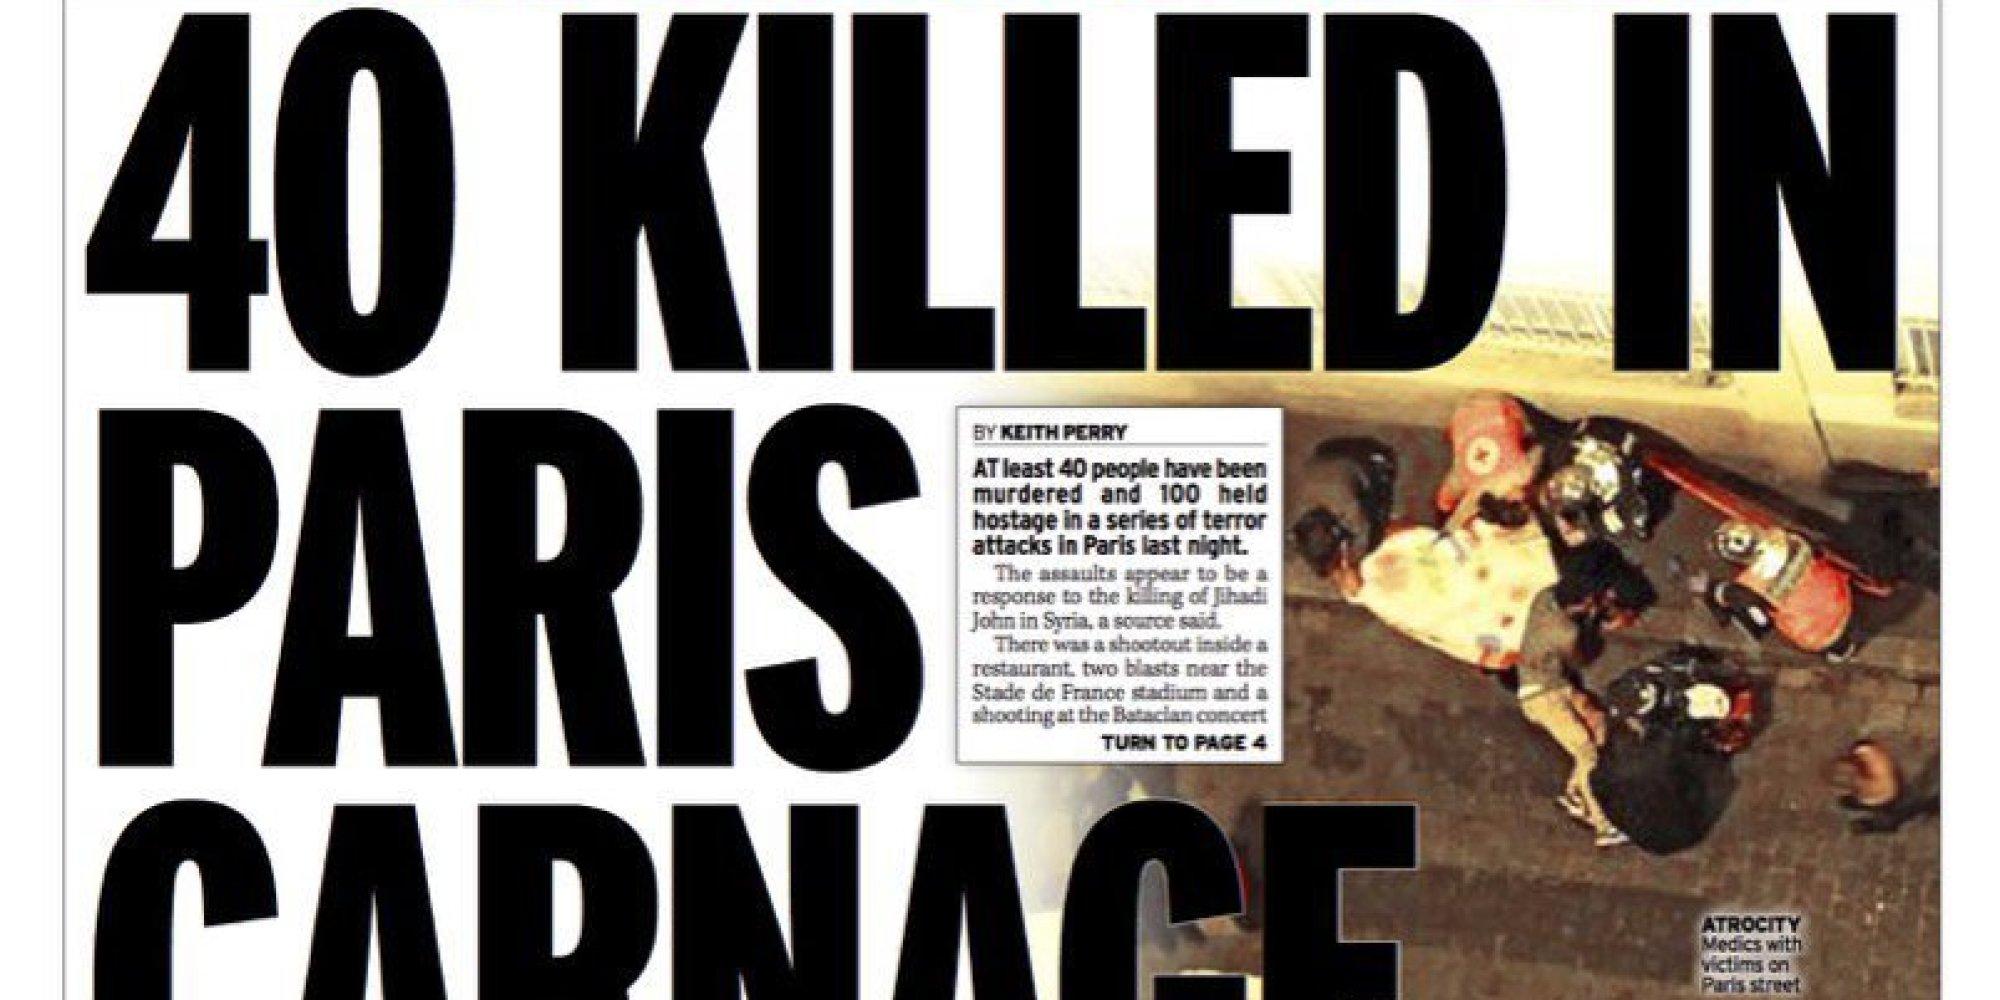 Attentat Facebook: Attentats De Paris: Les Unes Des Journaux Français Et